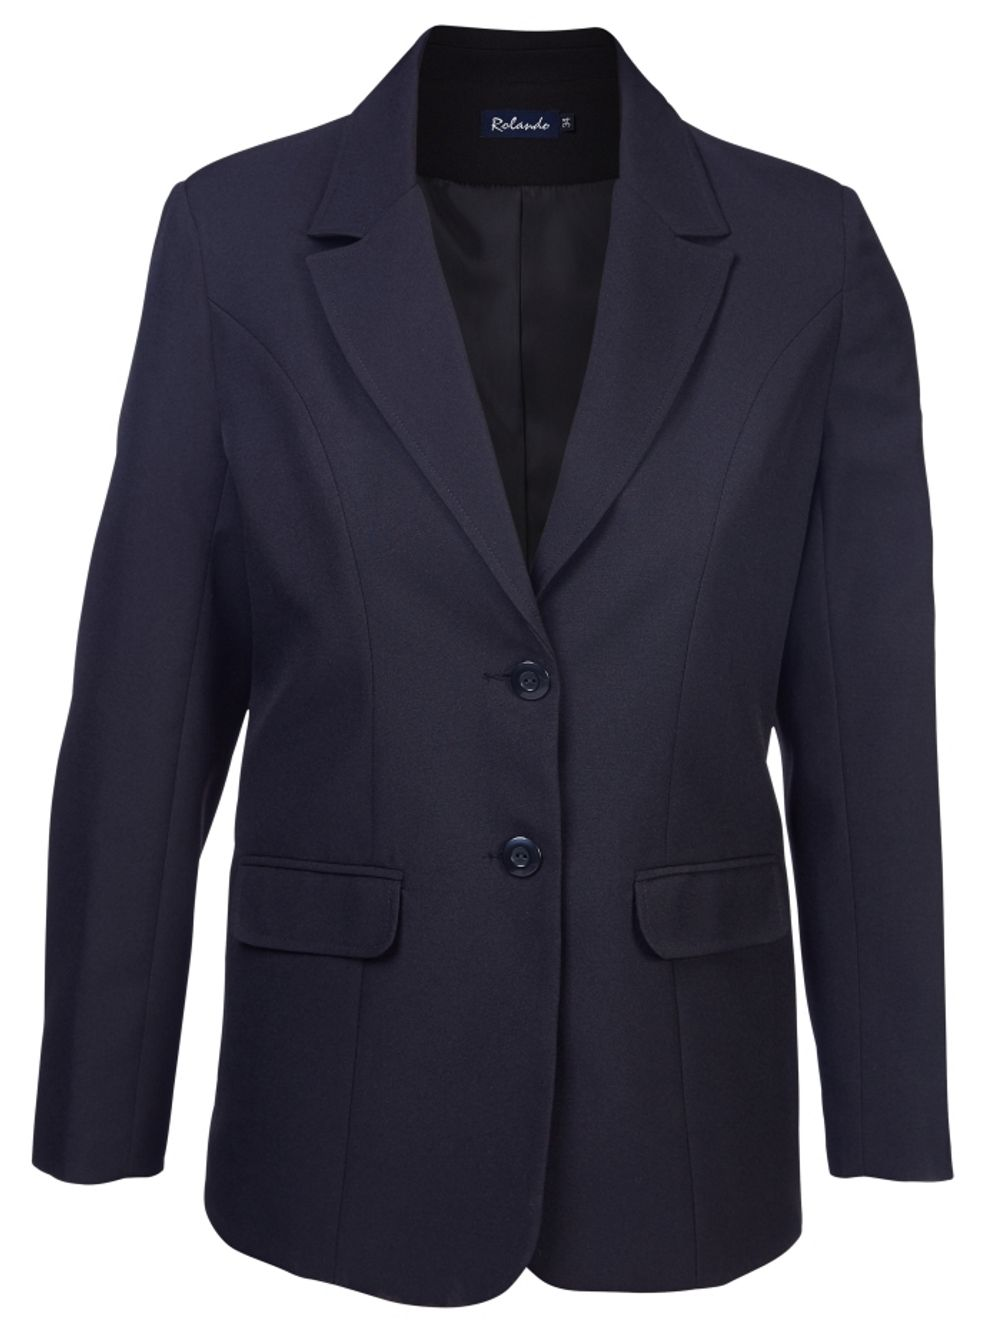 Ladies L/s Heather Jacket Formal Wear